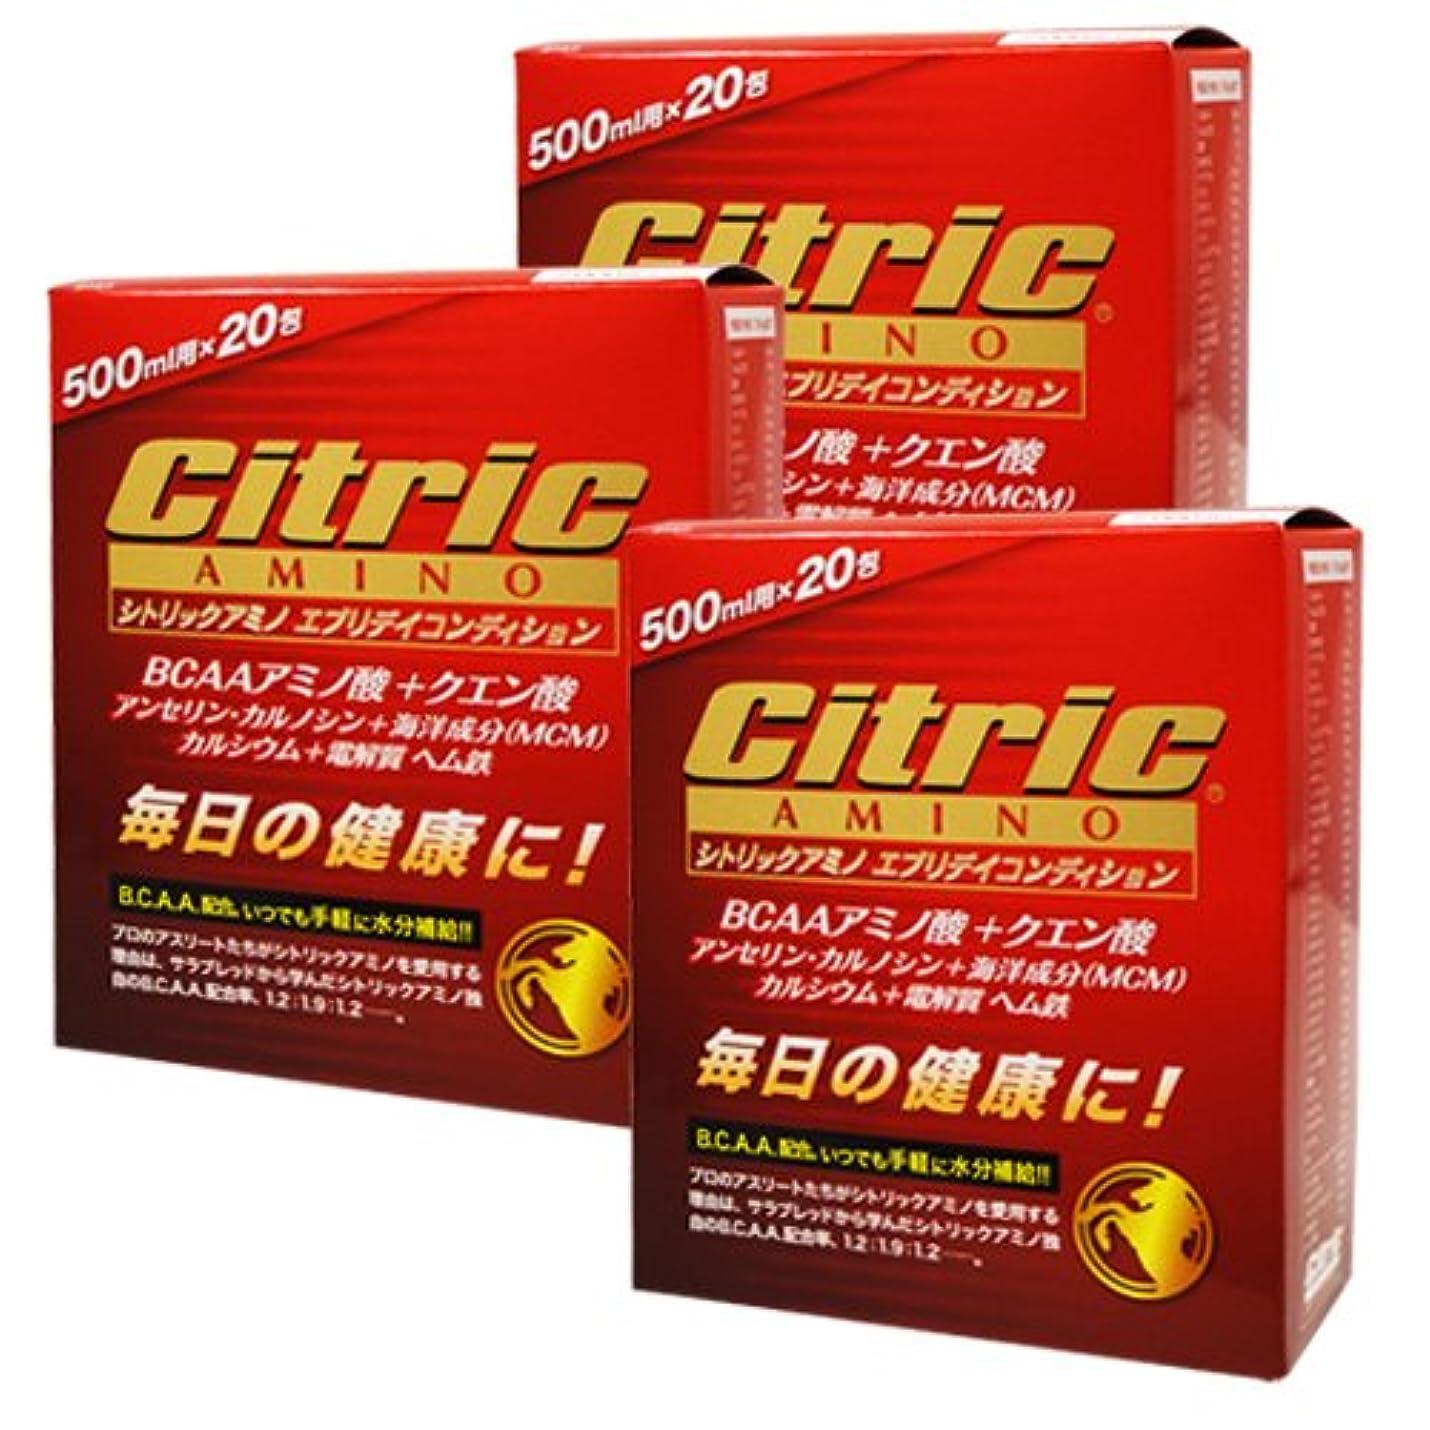 慰め主張する世論調査シトリックアミノ エブリデイコンディション 120g(6g×20包)×3箱